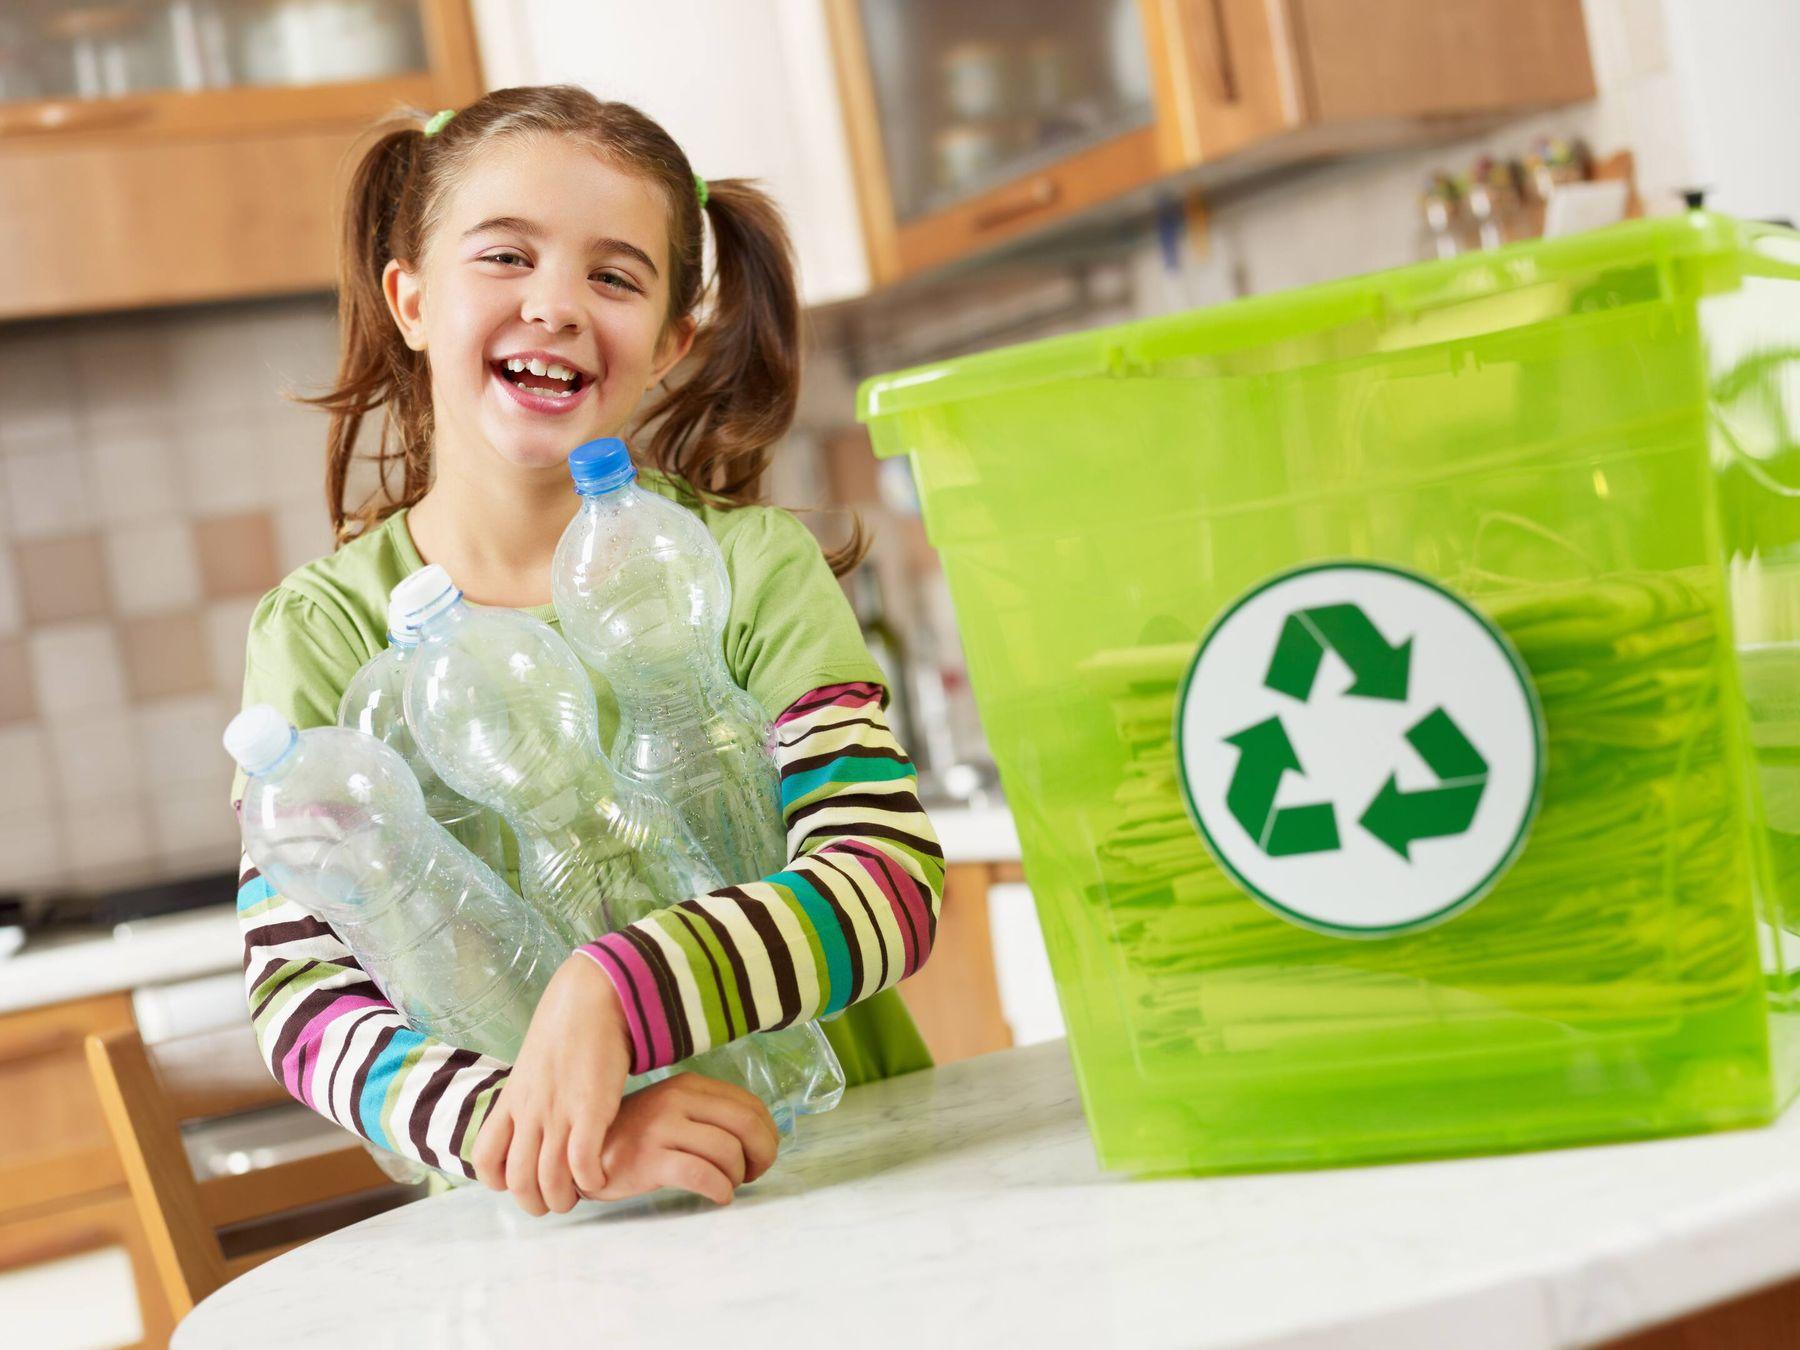 tái chế chai nhựa thành đồ chơi cho bé